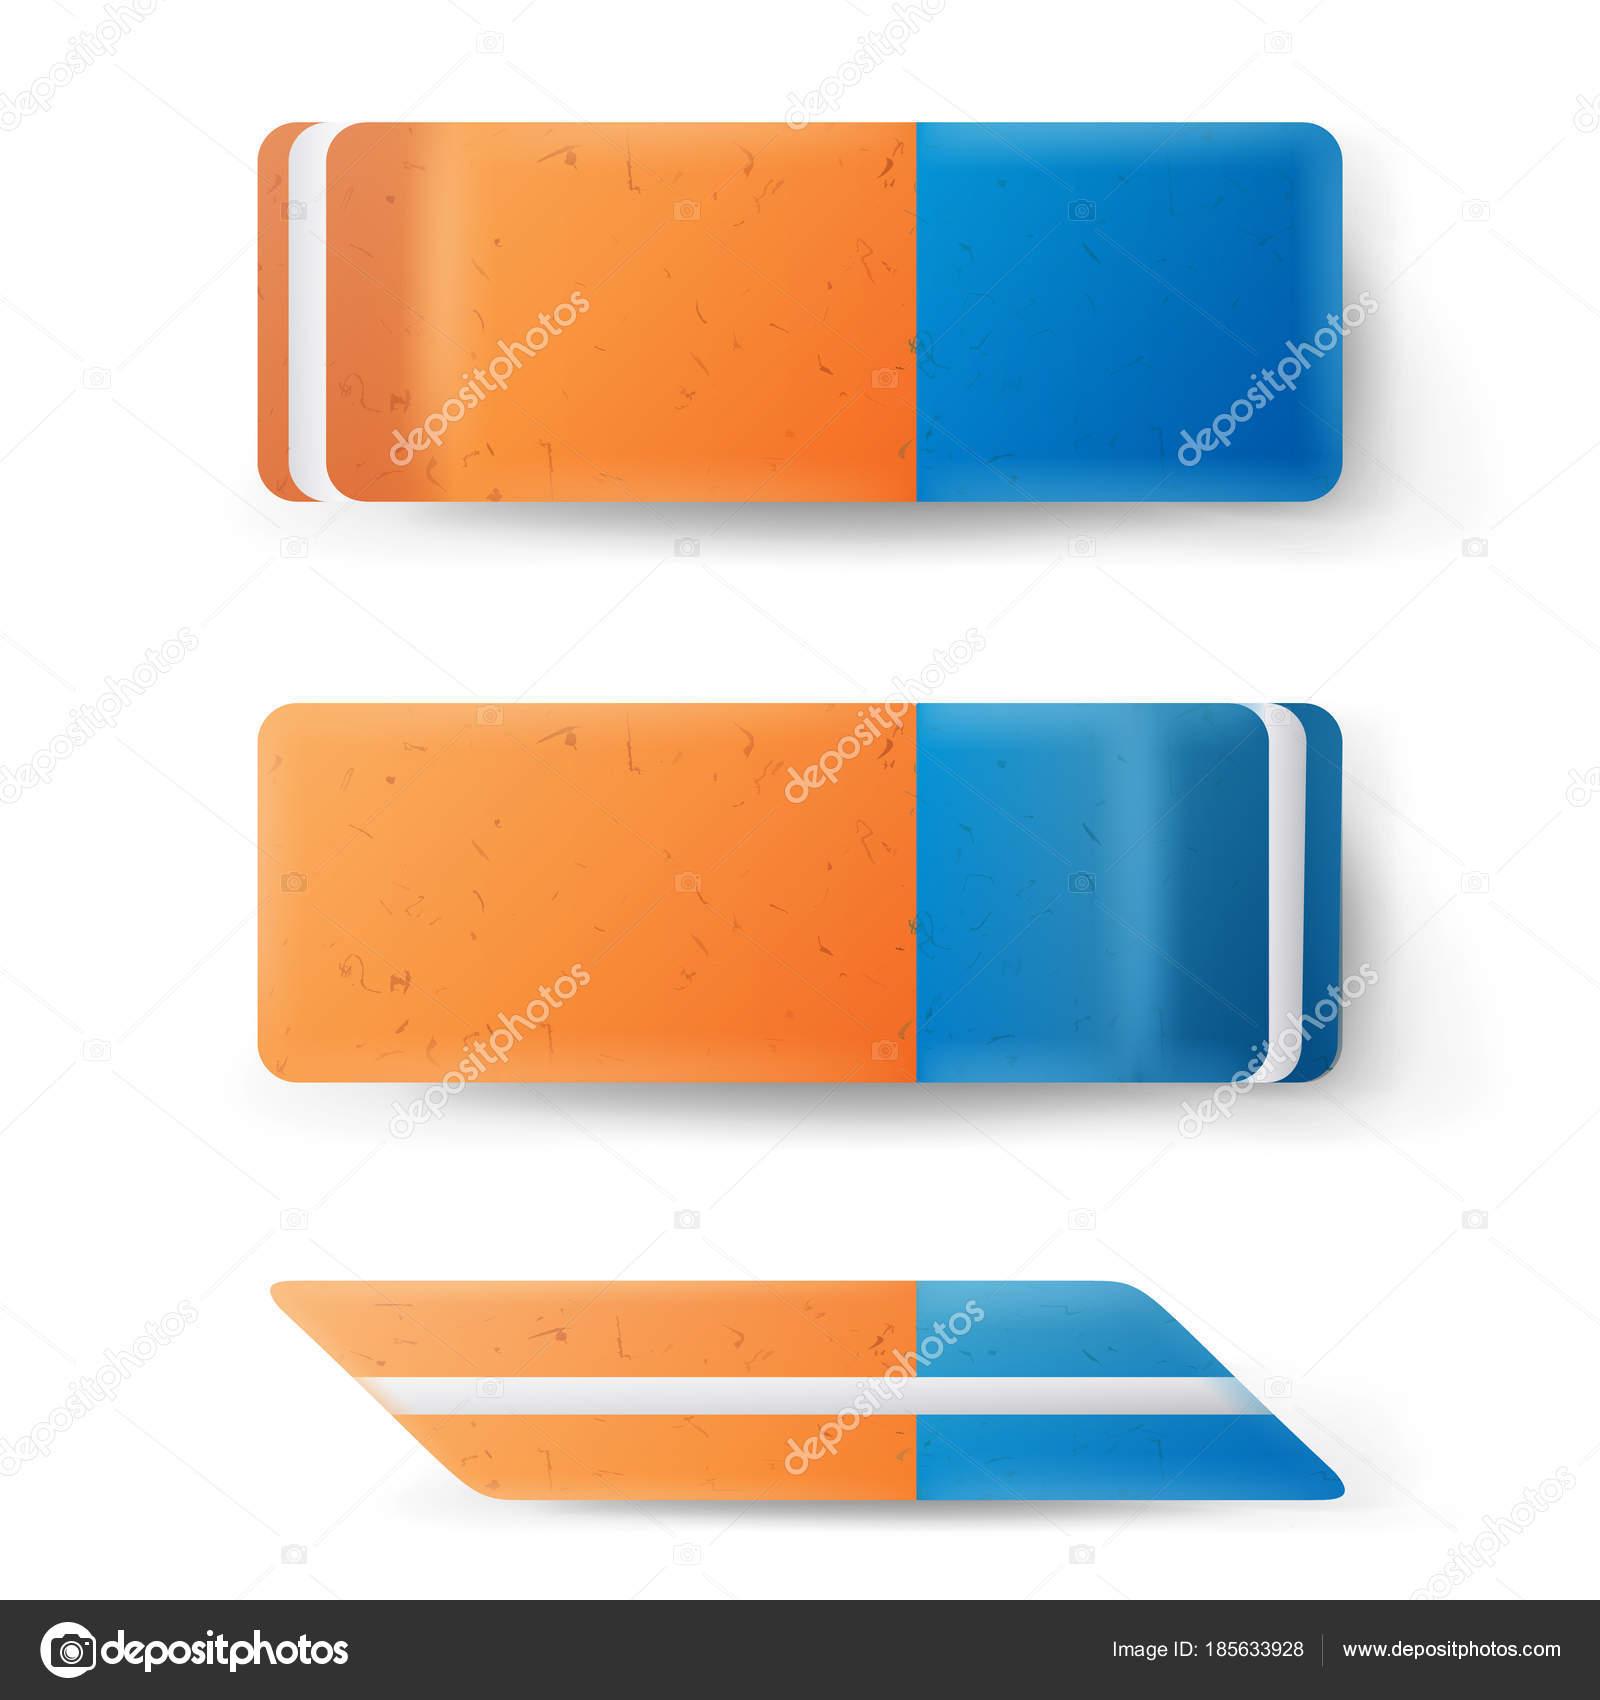 消しゴム分離ベクトル古典的な青オレンジのゴム印リアルなイラスト